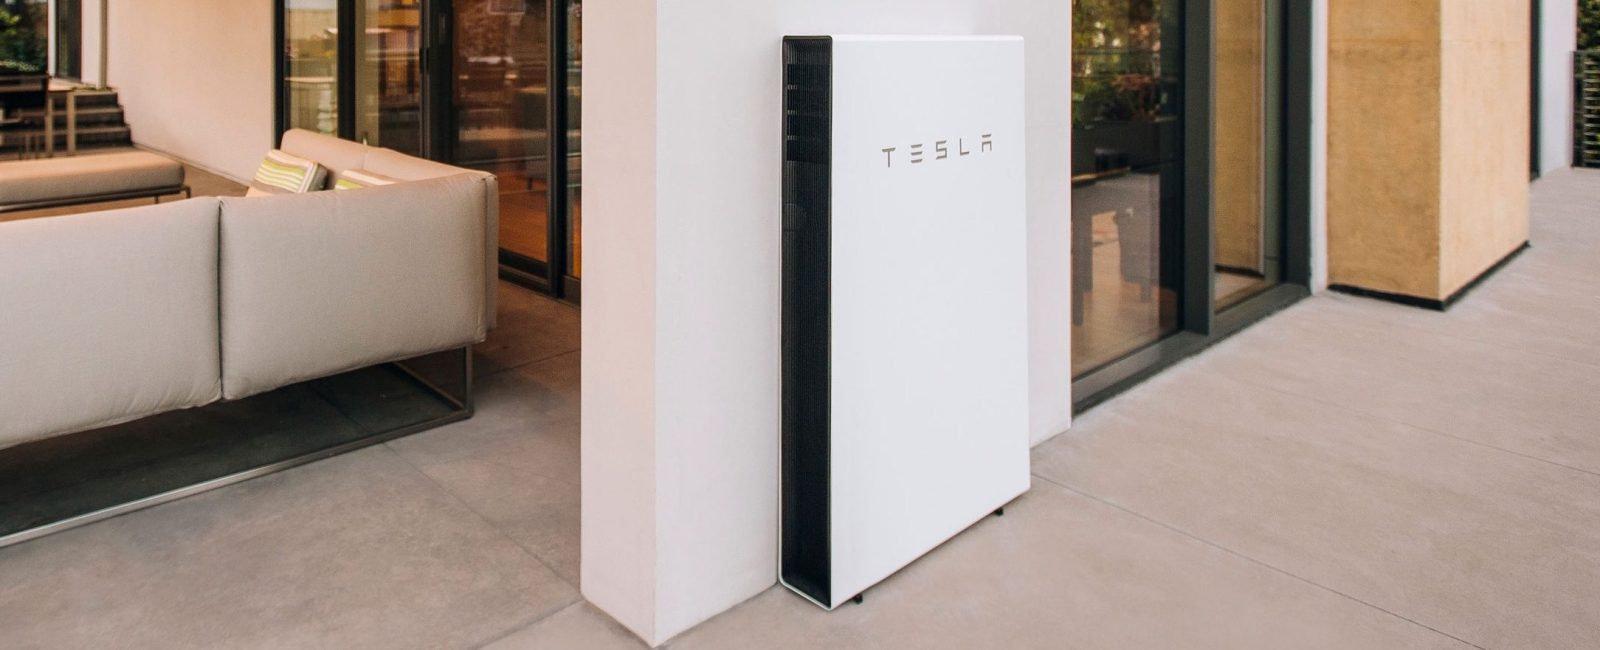 Tesla-Powerwall-hero-e1561135231874.jpg